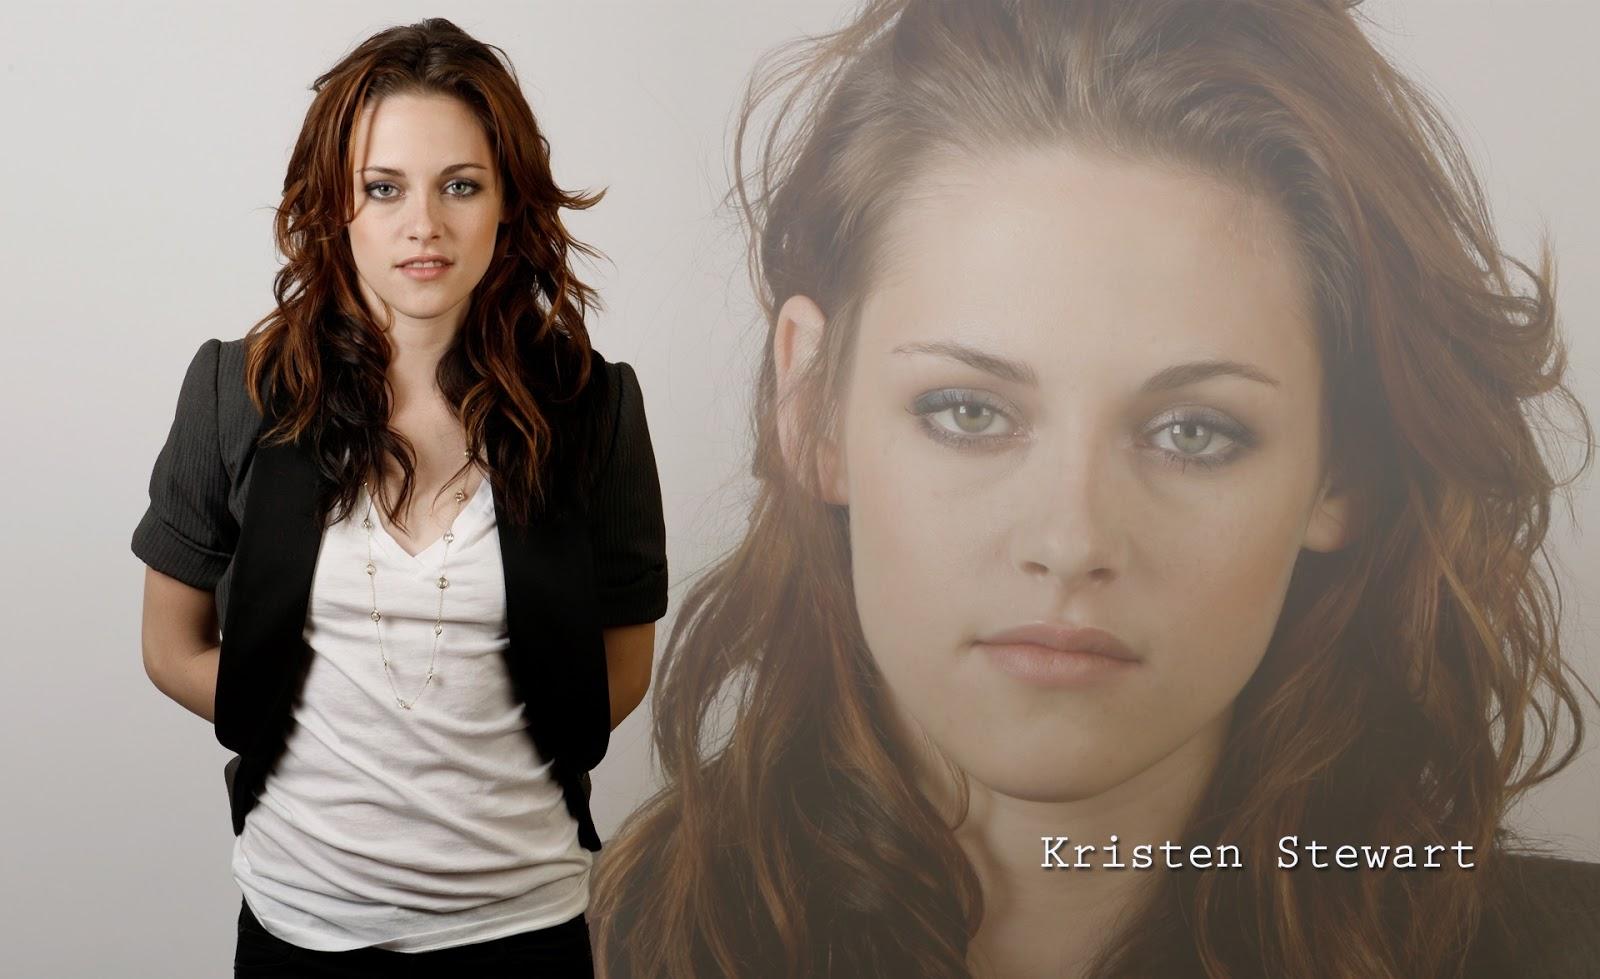 http://3.bp.blogspot.com/-koxdhi7xTPQ/TvSM-HTP0xI/AAAAAAAABpg/8NPlAcITM5w/s1600/Kristen+Stewart+%25282%2529.jpg